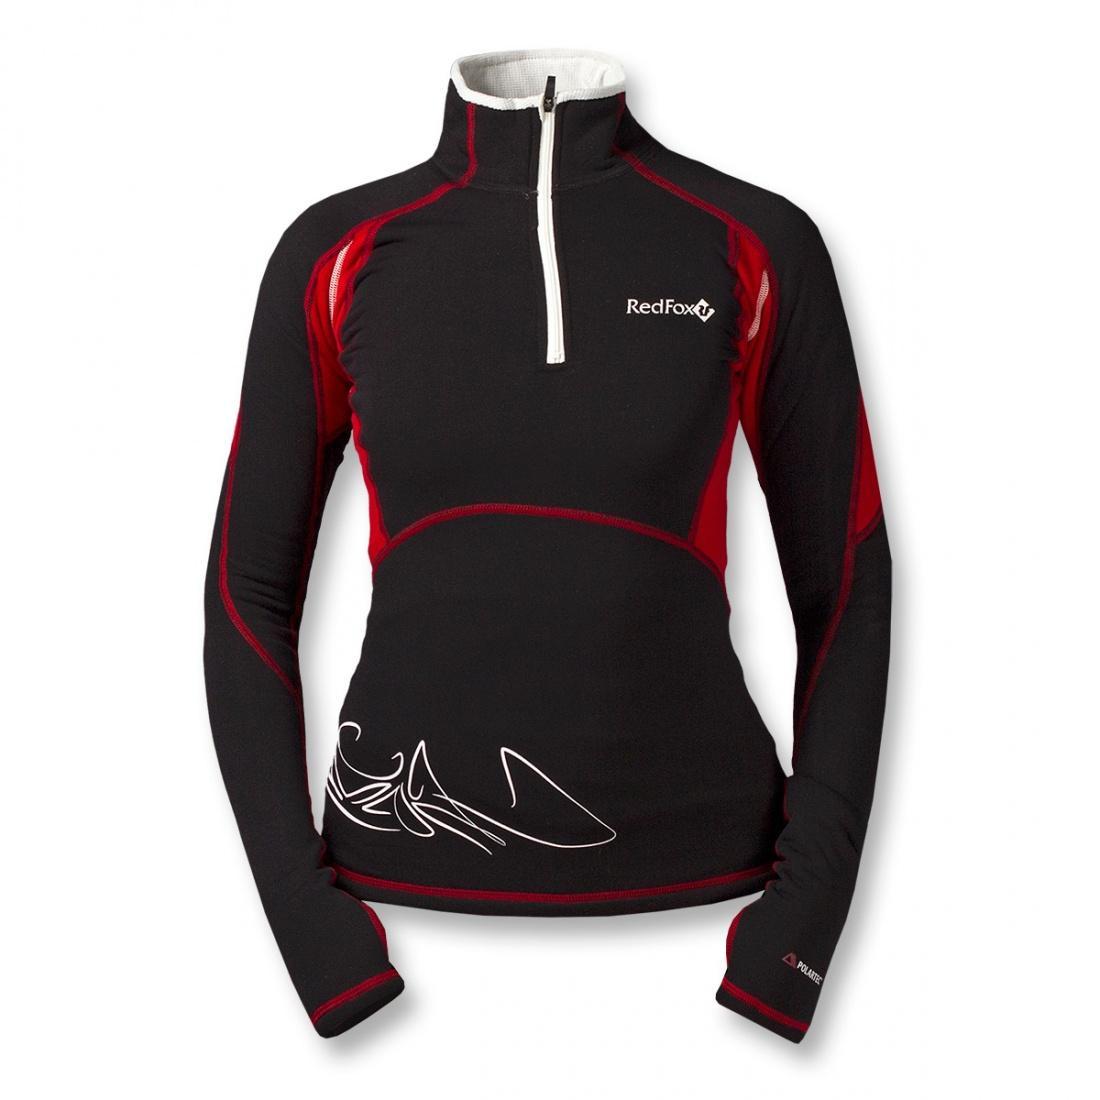 Термобелье пуловер Penguin Power Stretch WПуловеры<br>Женский пуловер. Предназначен для использования в качестве нижнего слоя в суровых погодных условиях.<br>Благодаря использованию материала Polartec® Power Stretch® ProТМ, пуловер не стесняет движений и создаёт благоприятный микроклимат для тела, прекрасно...<br><br>Цвет: Красный<br>Размер: 42